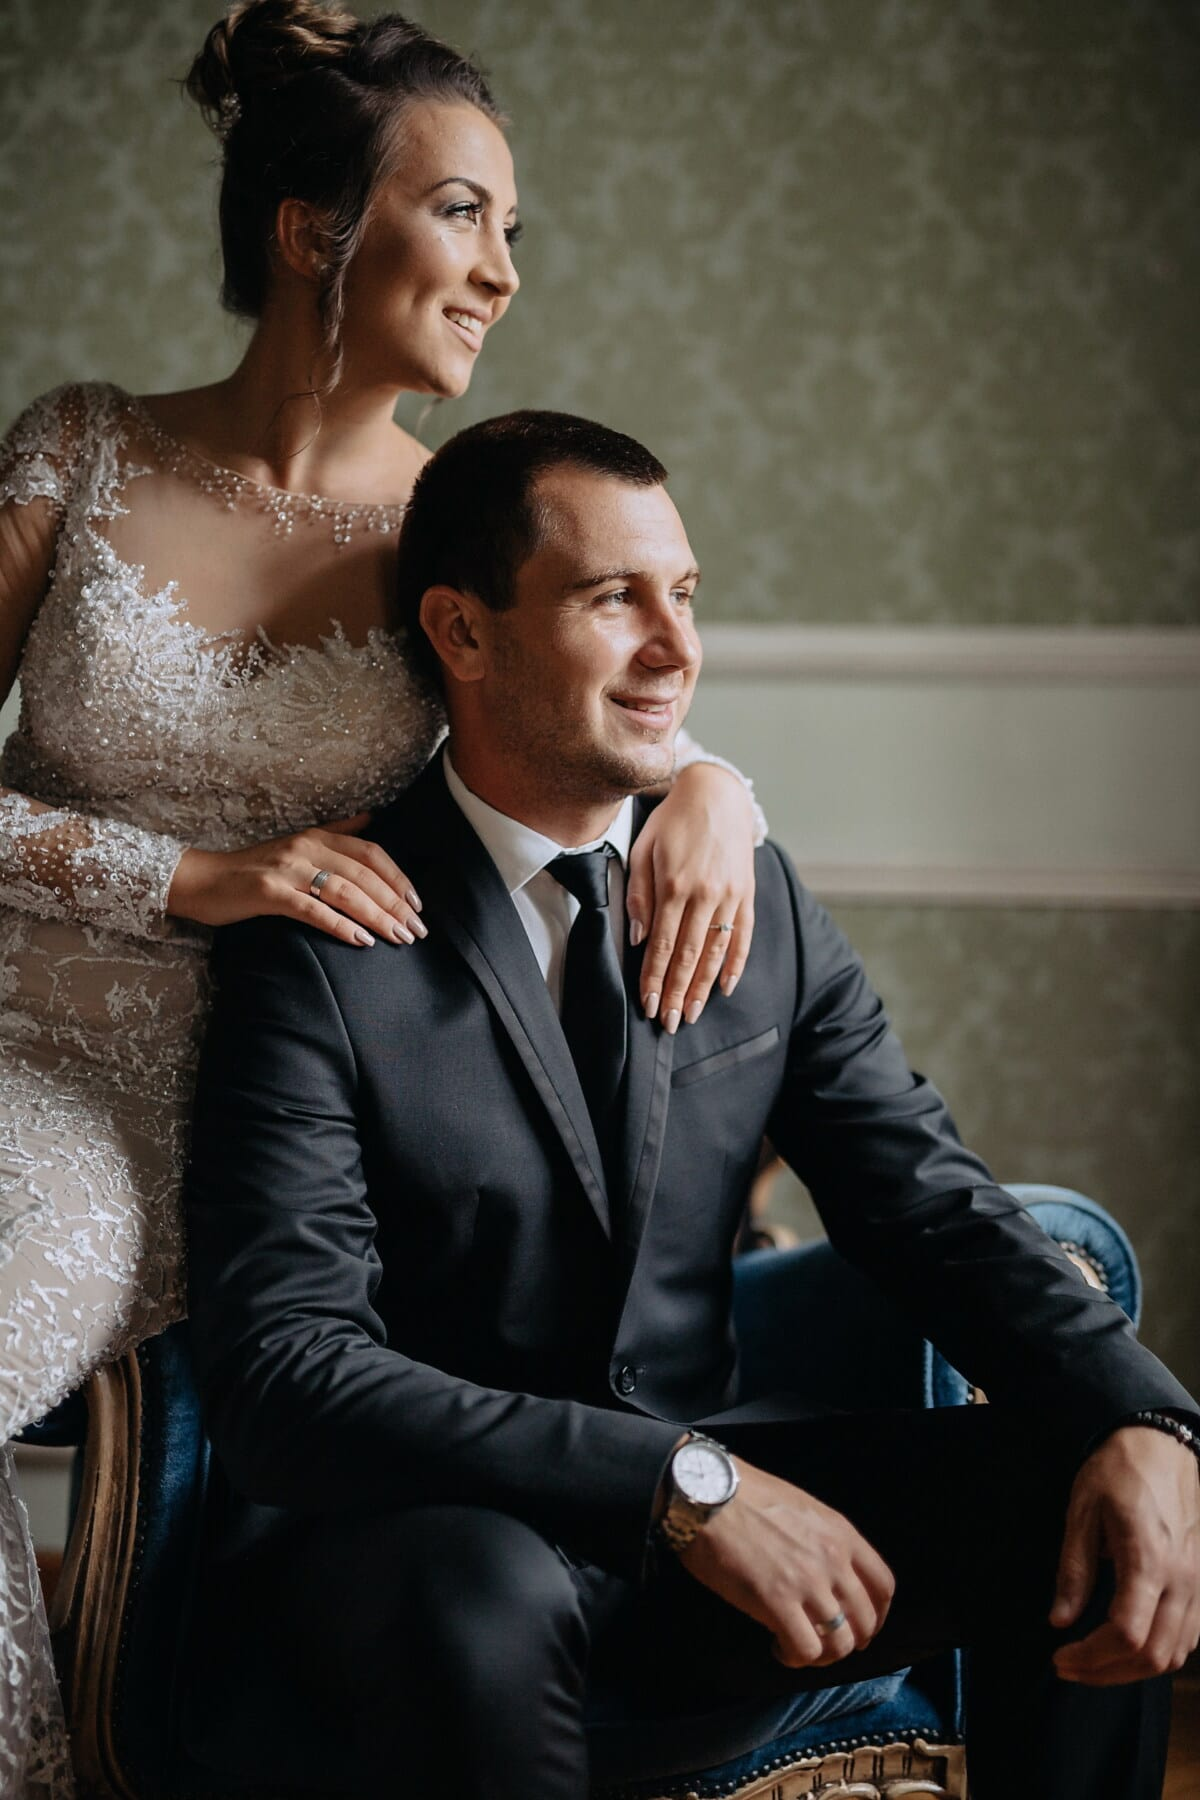 gentilhomme, Dame, fauteuil, assis, Appartement, luxe, Portrait, entreprise, homme d'affaire, mariage